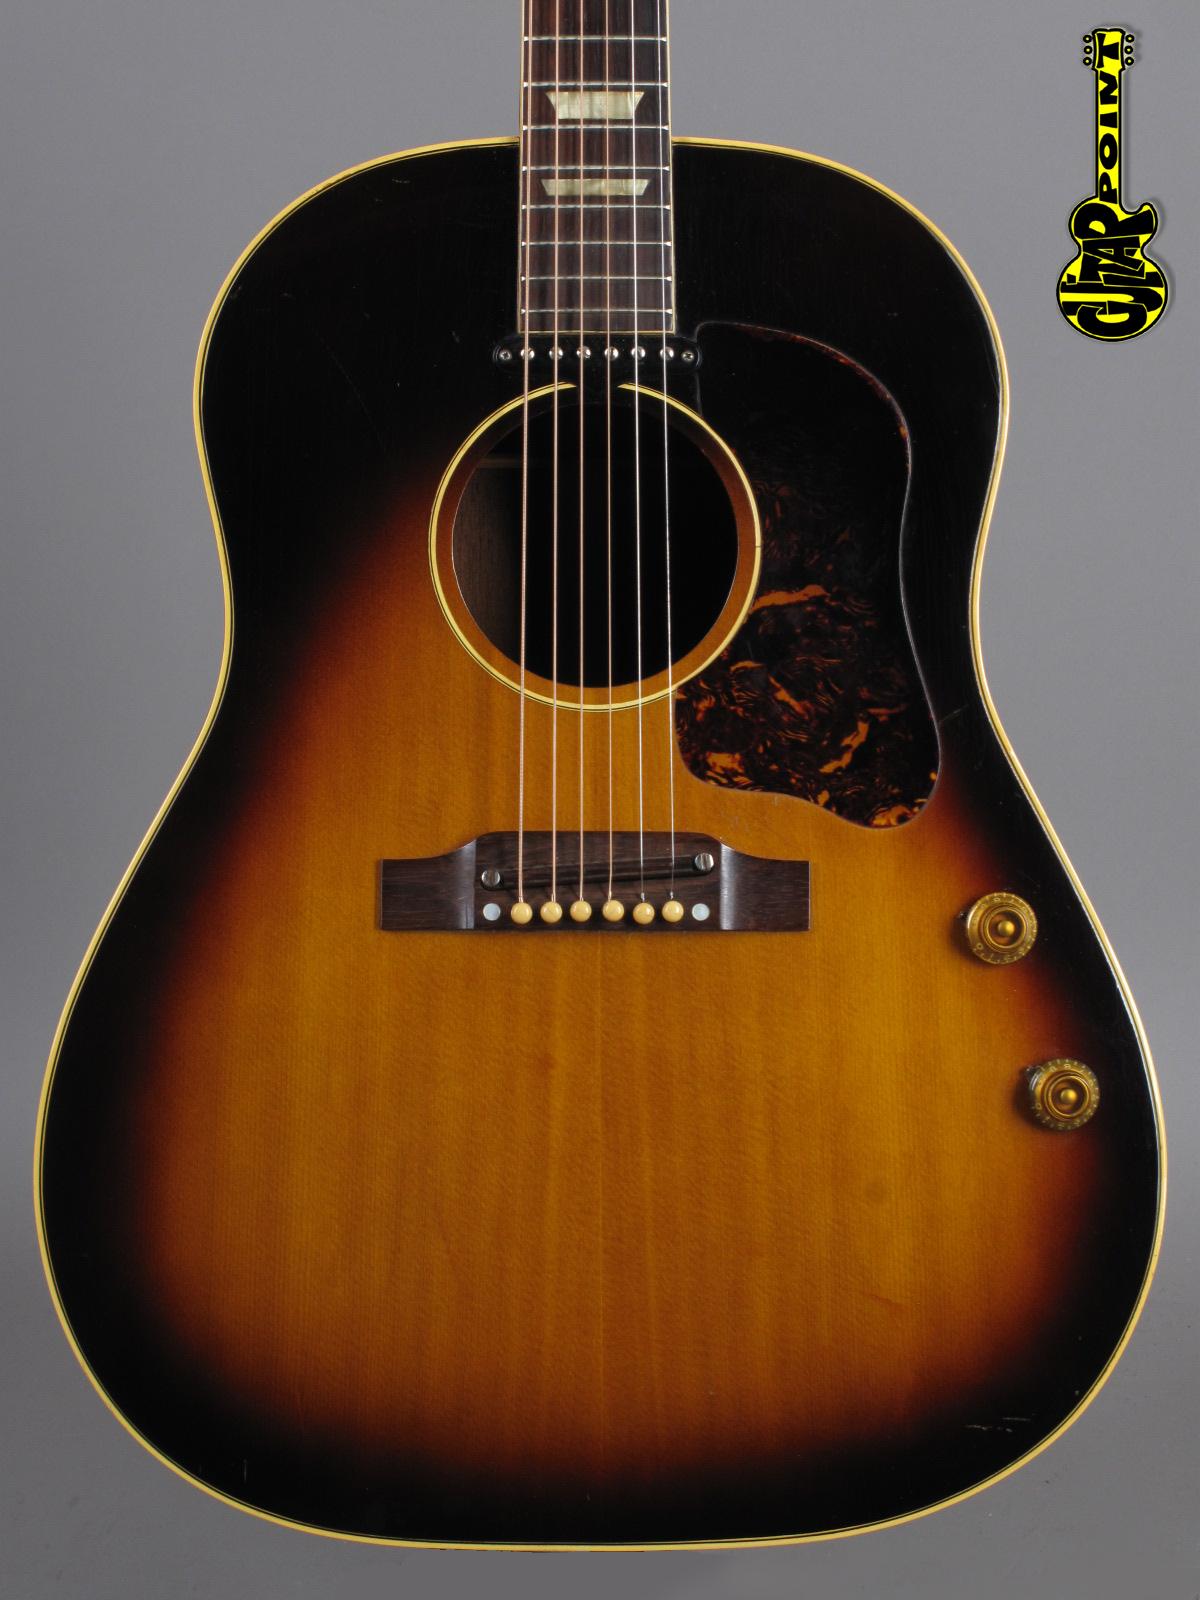 1959 Gibson J-160E - Sunburst